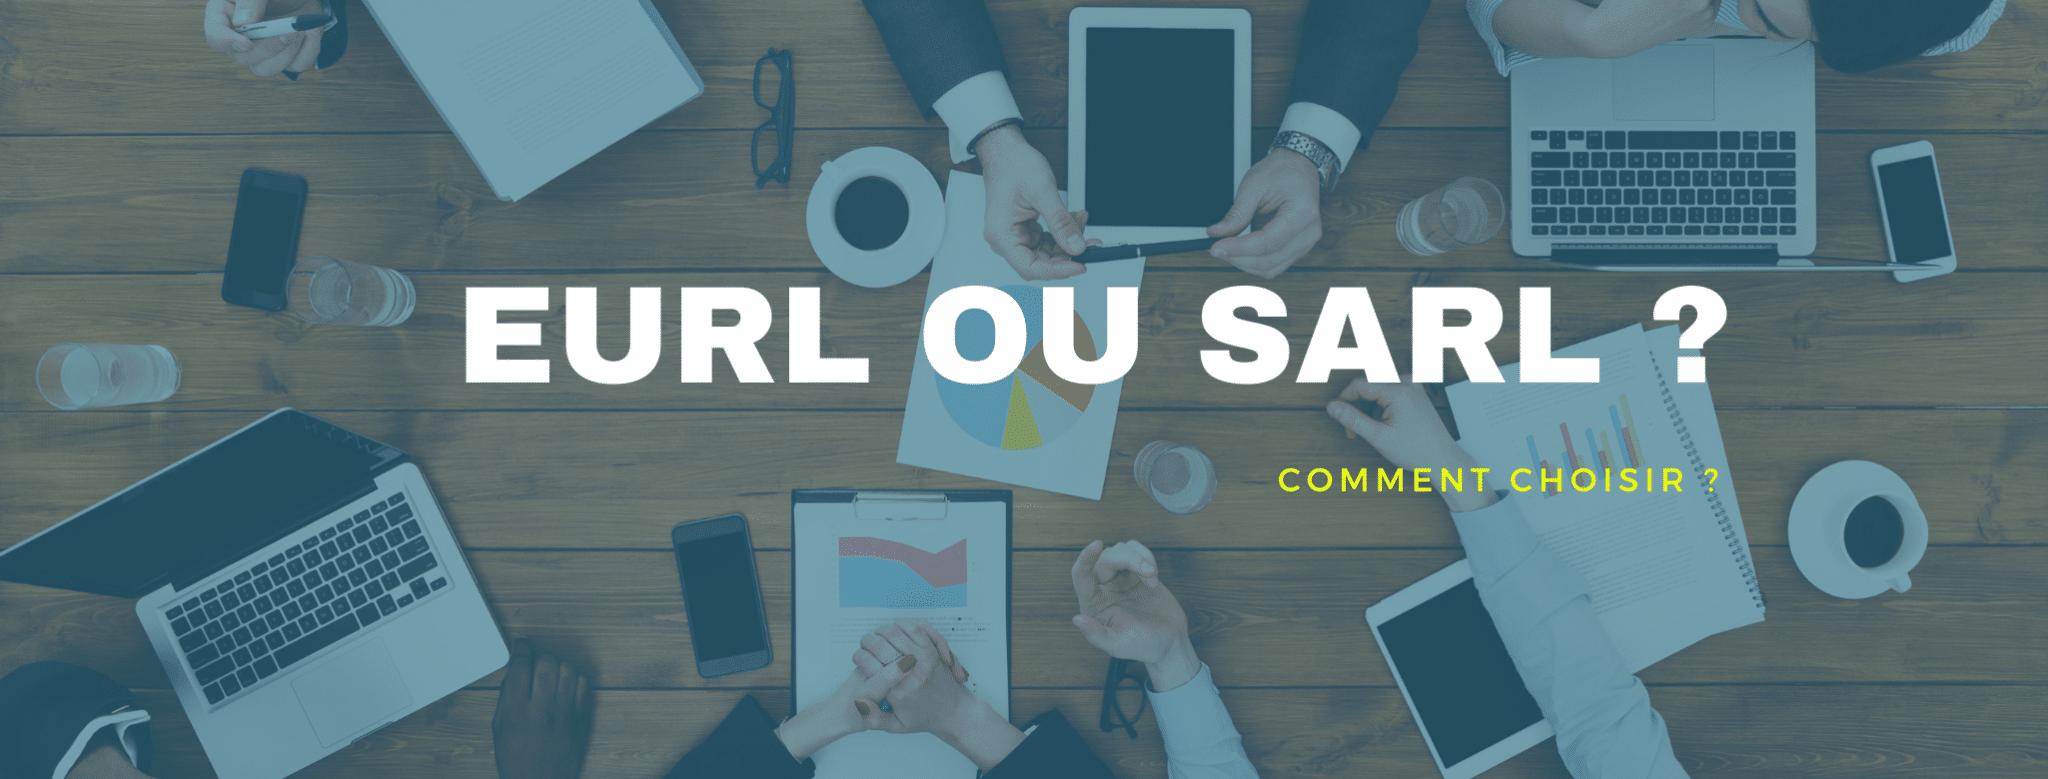 EURL et SARL – Quelle différence ?